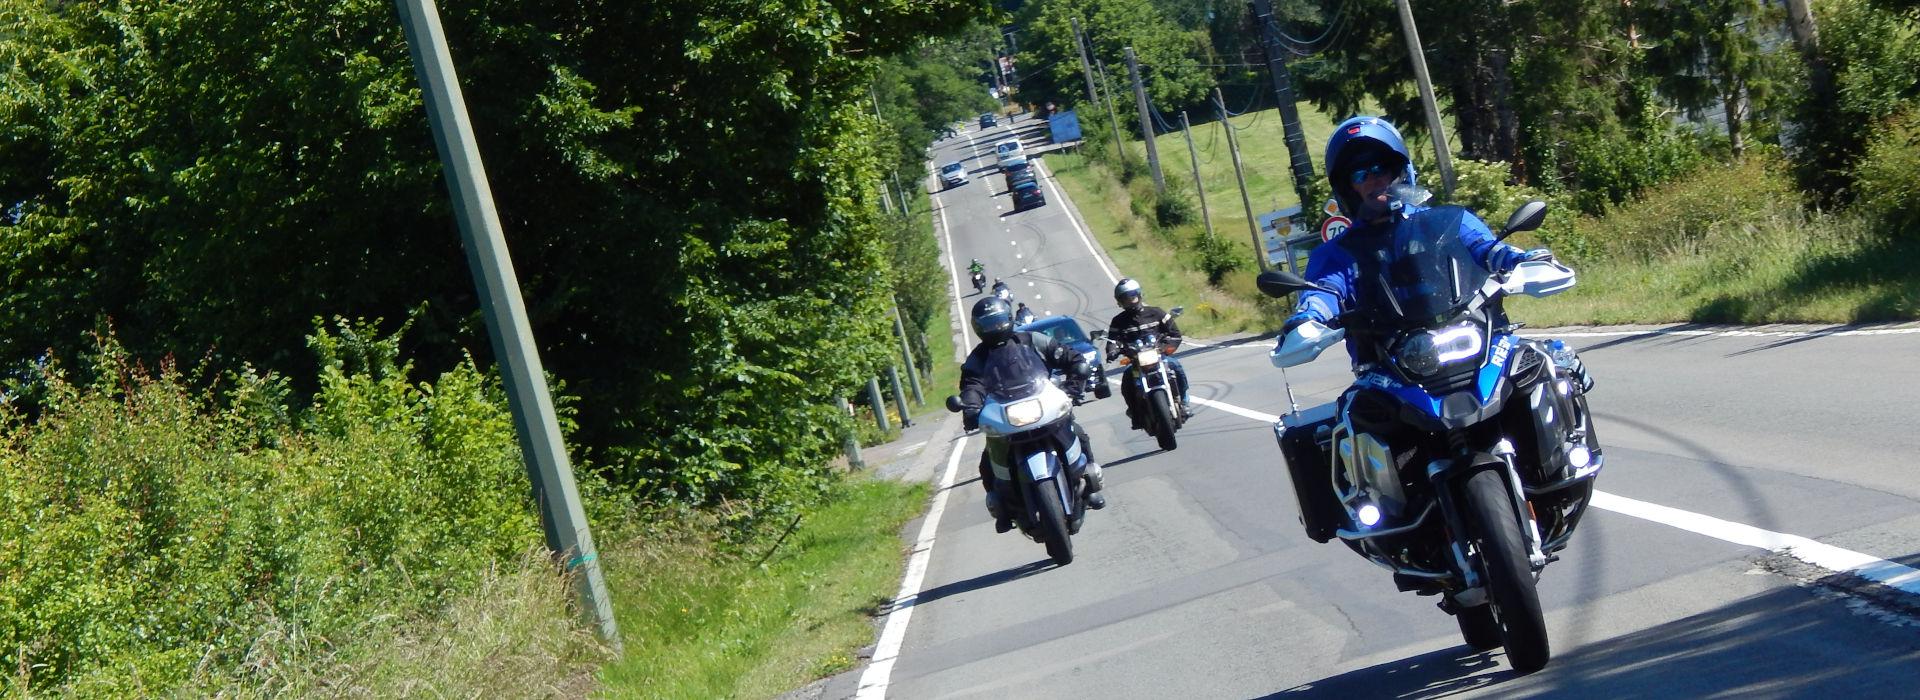 Motorrijbewijspoint Nunspeet spoed motorrijbewijs